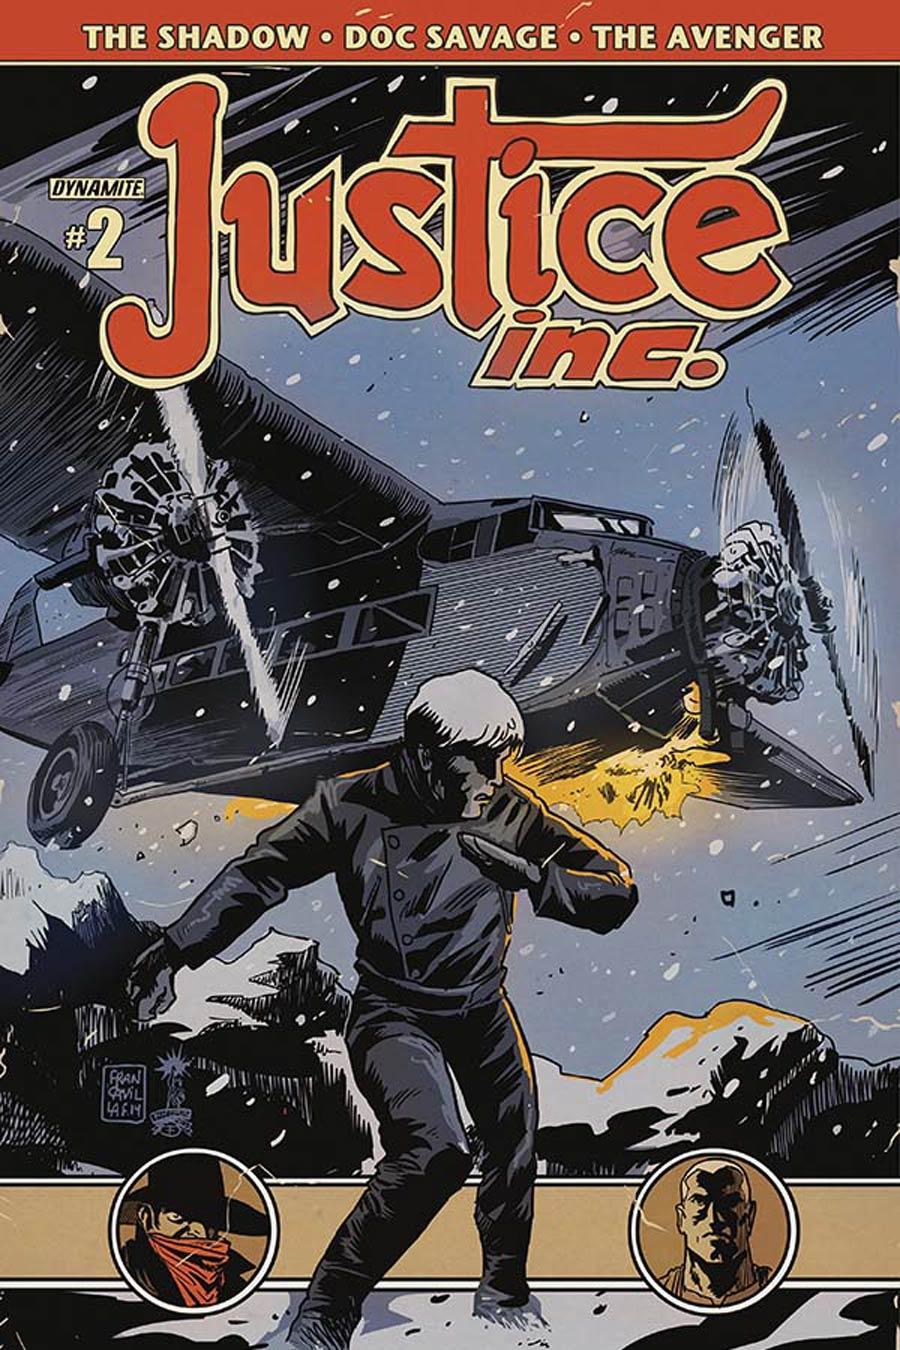 Justice Inc Vol 3 #2 Cover B Variant Francesco Francavilla Cover